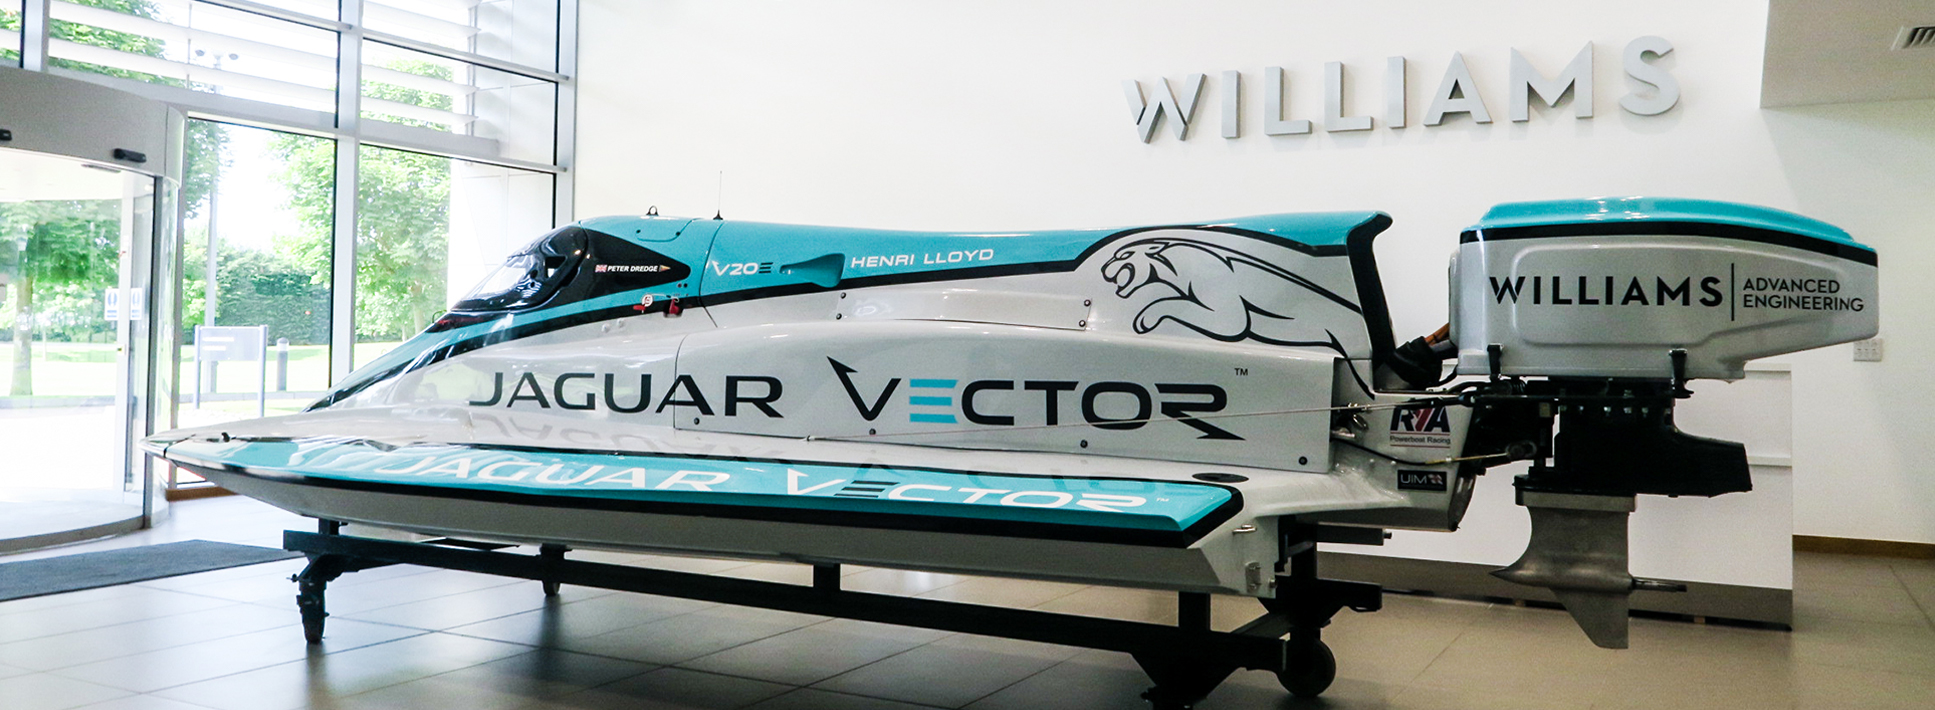 Jaguar boat banner 1